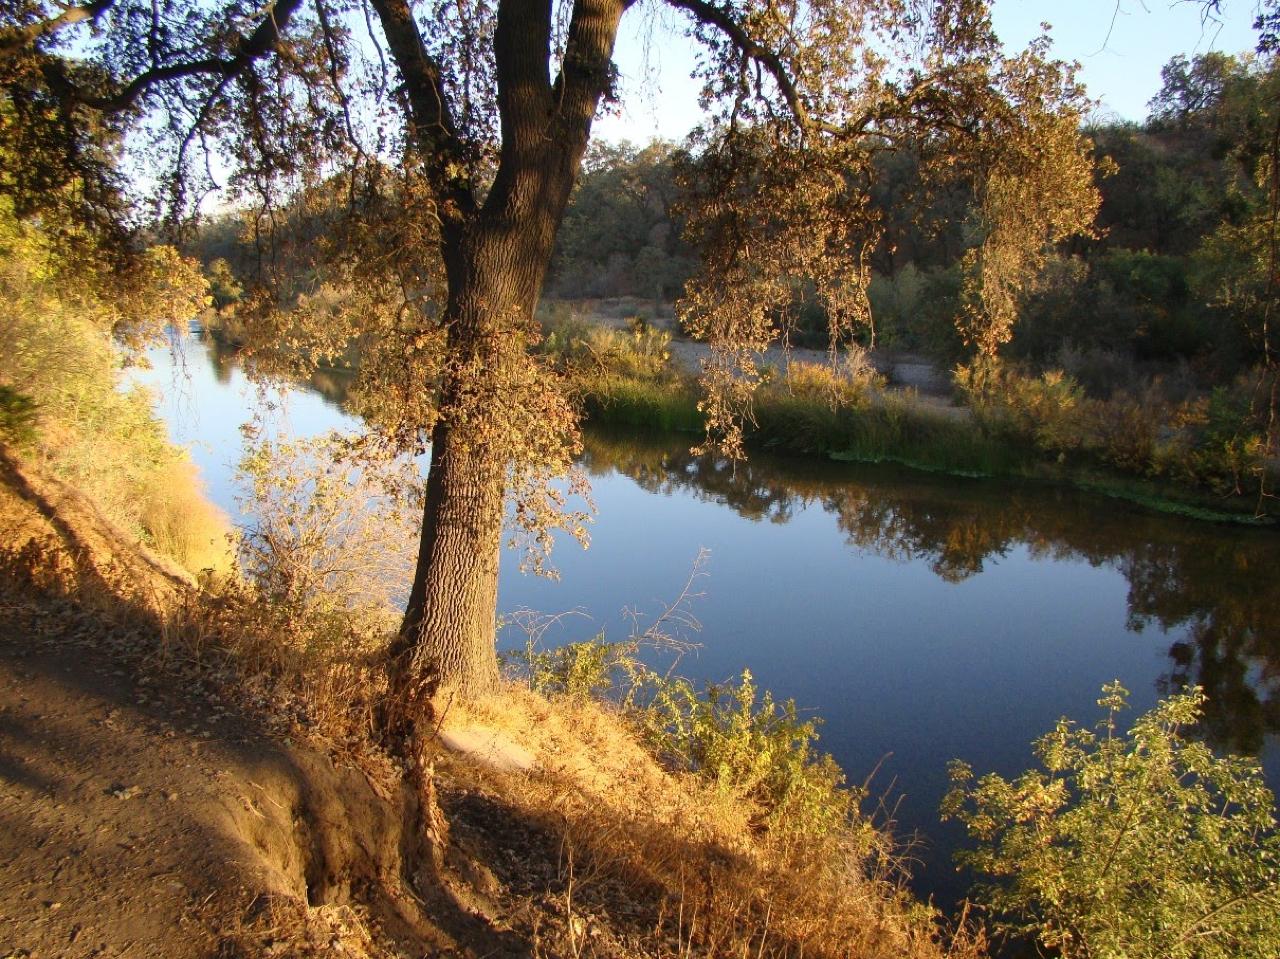 Tuolumne River riparian corridor